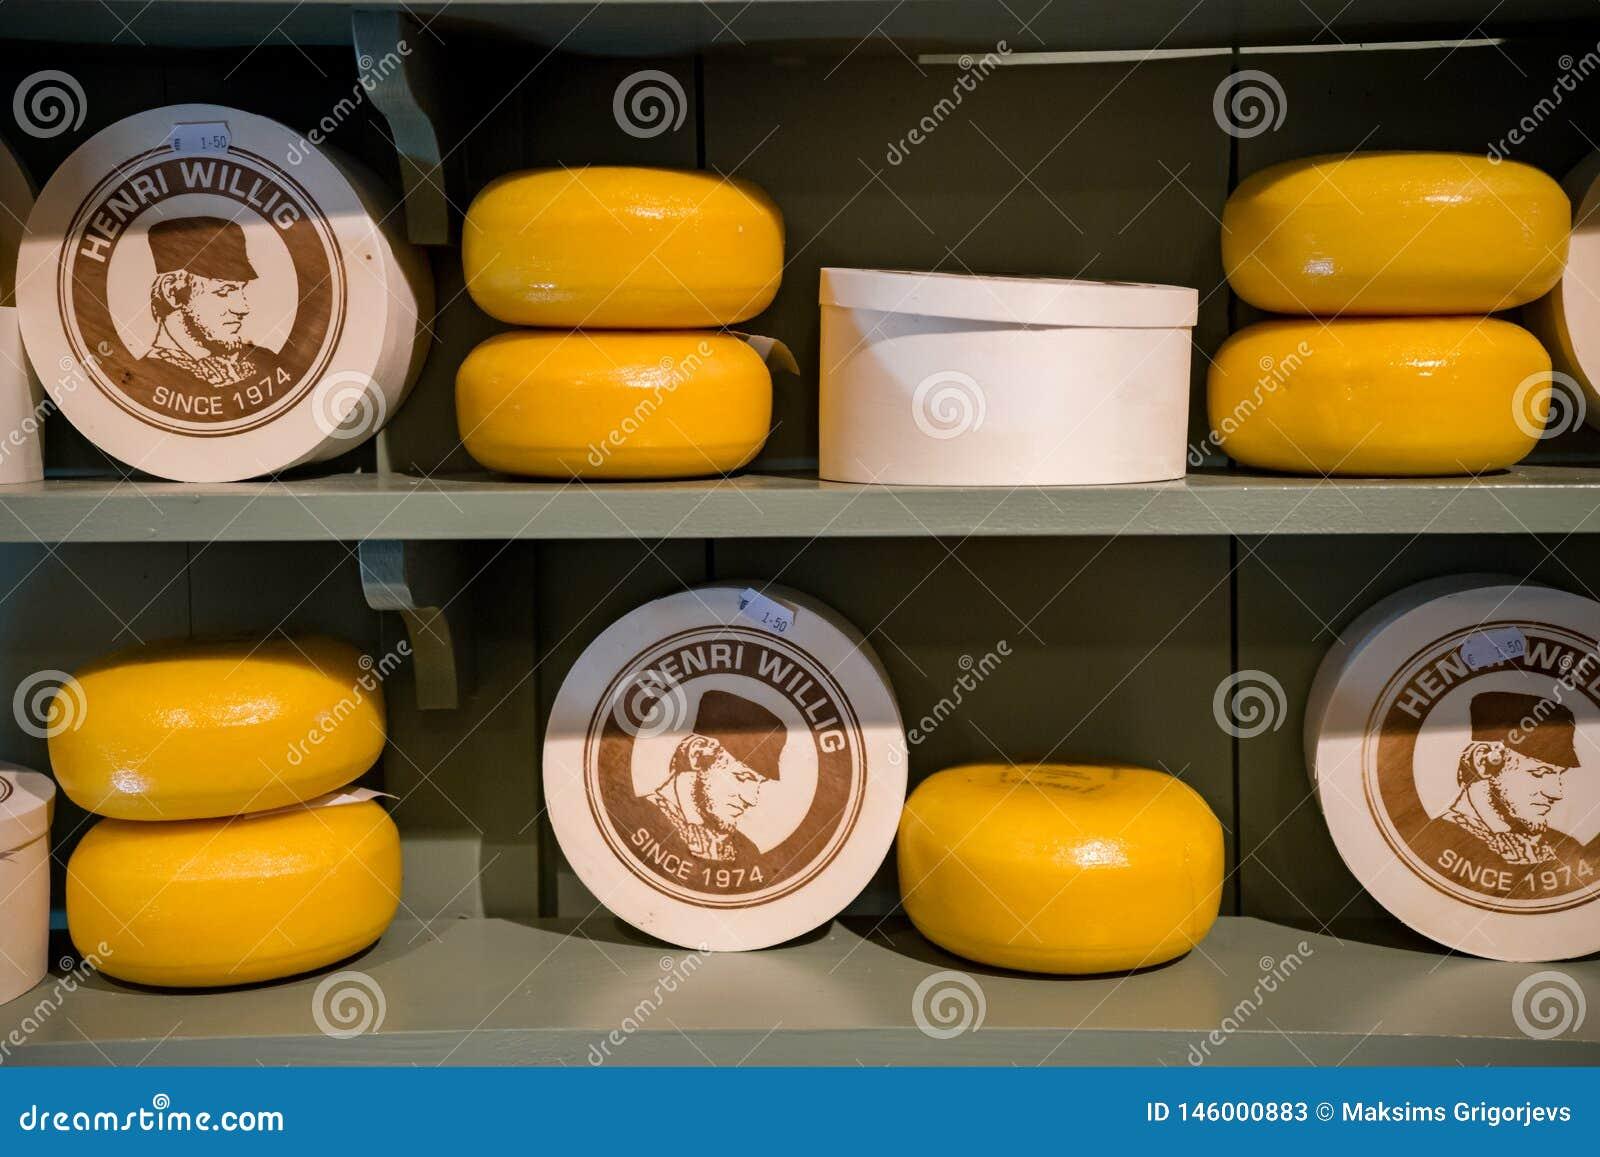 Cabeças do queijo na exposição na loja de Henry Willig, foco seletivo, os Países Baixos, o 12 de outubro de 2017